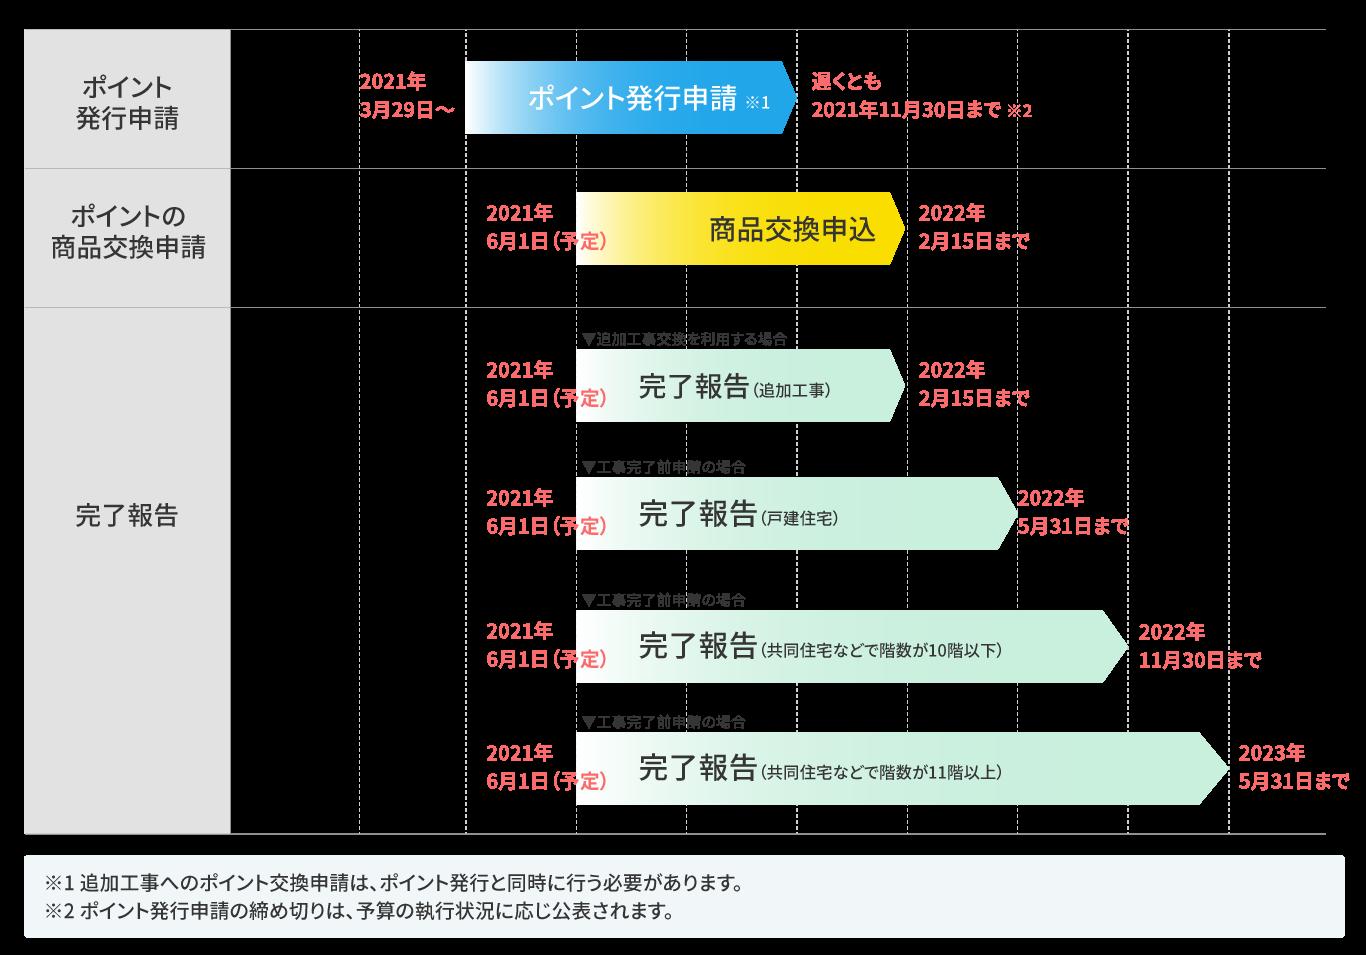 新築住宅の建築・購入またはリフォームの「工事前」のポイント発行申請の場合の図